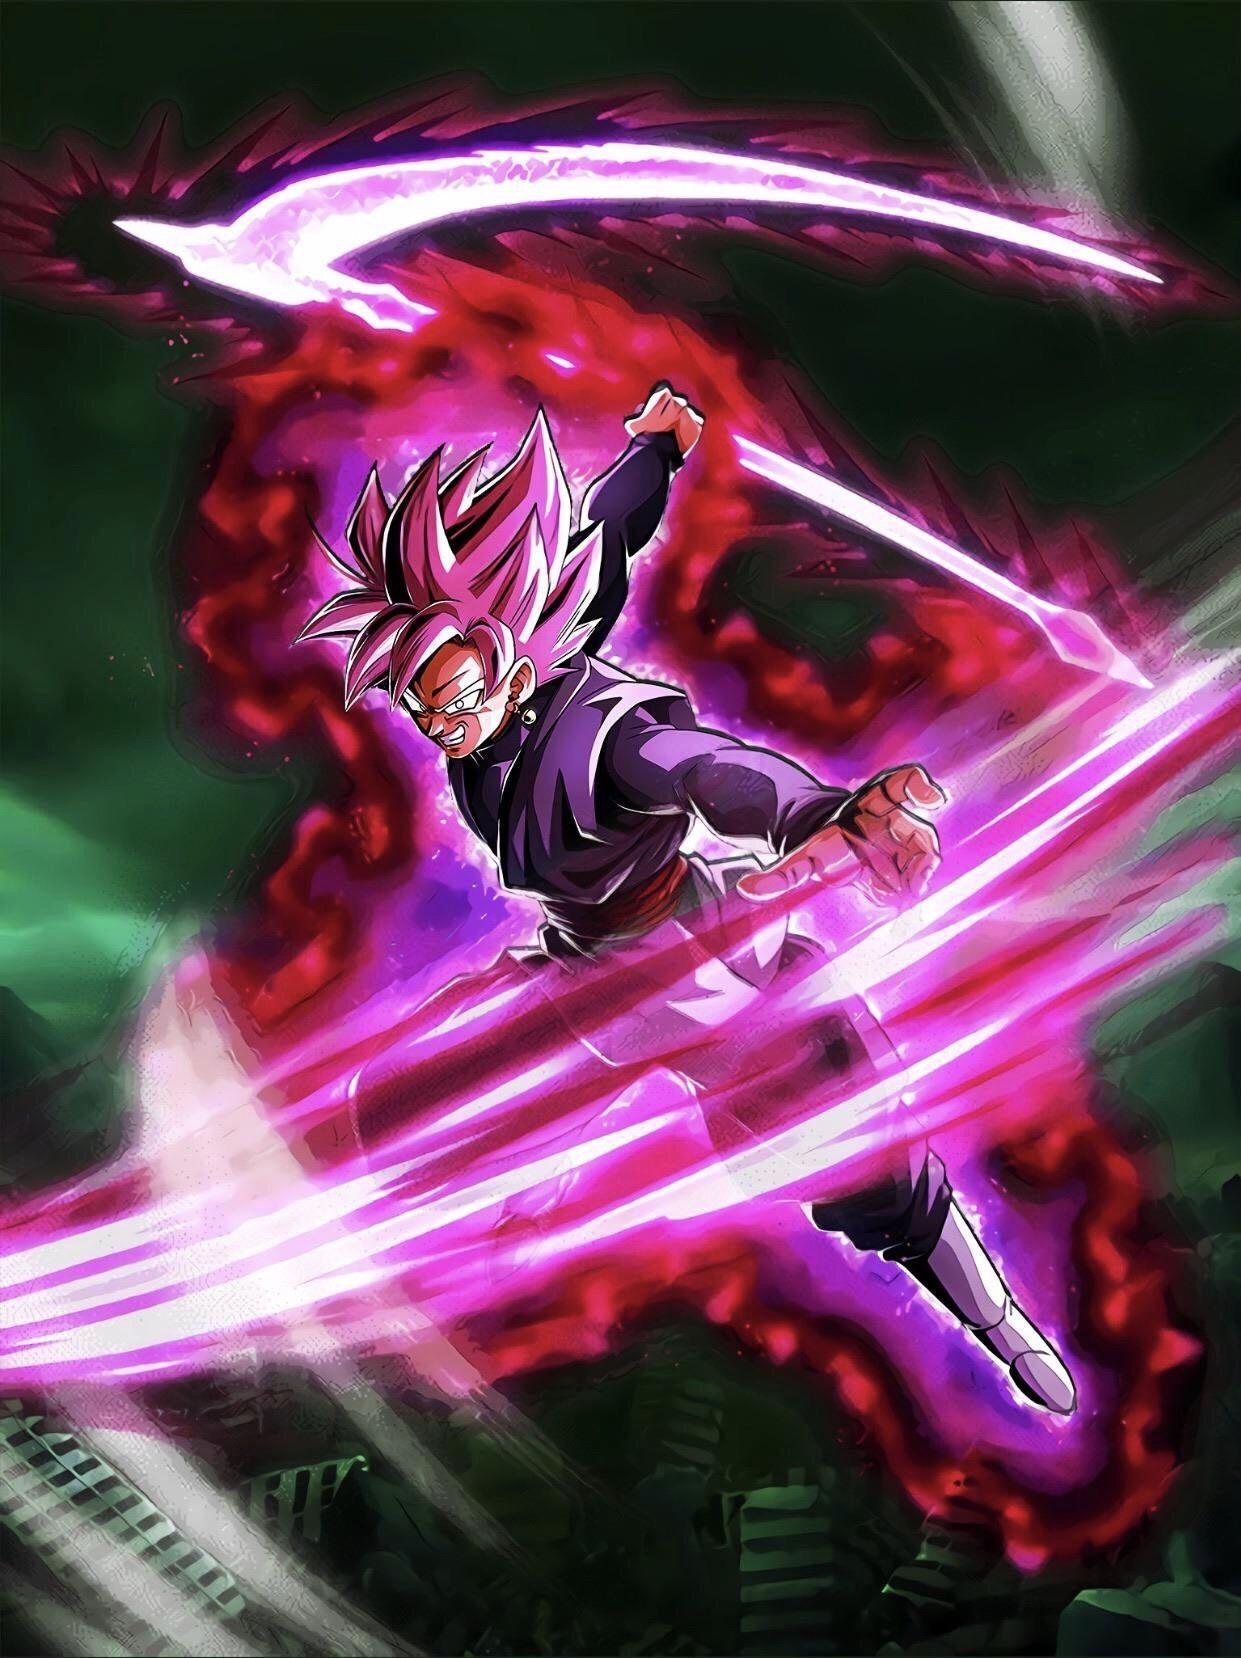 Super Saiyan Rose Goku Black Dokkan Battle Wallpaper Anime Dragon Ball Super Dragon Ball Super Goku Super Saiyan Rose